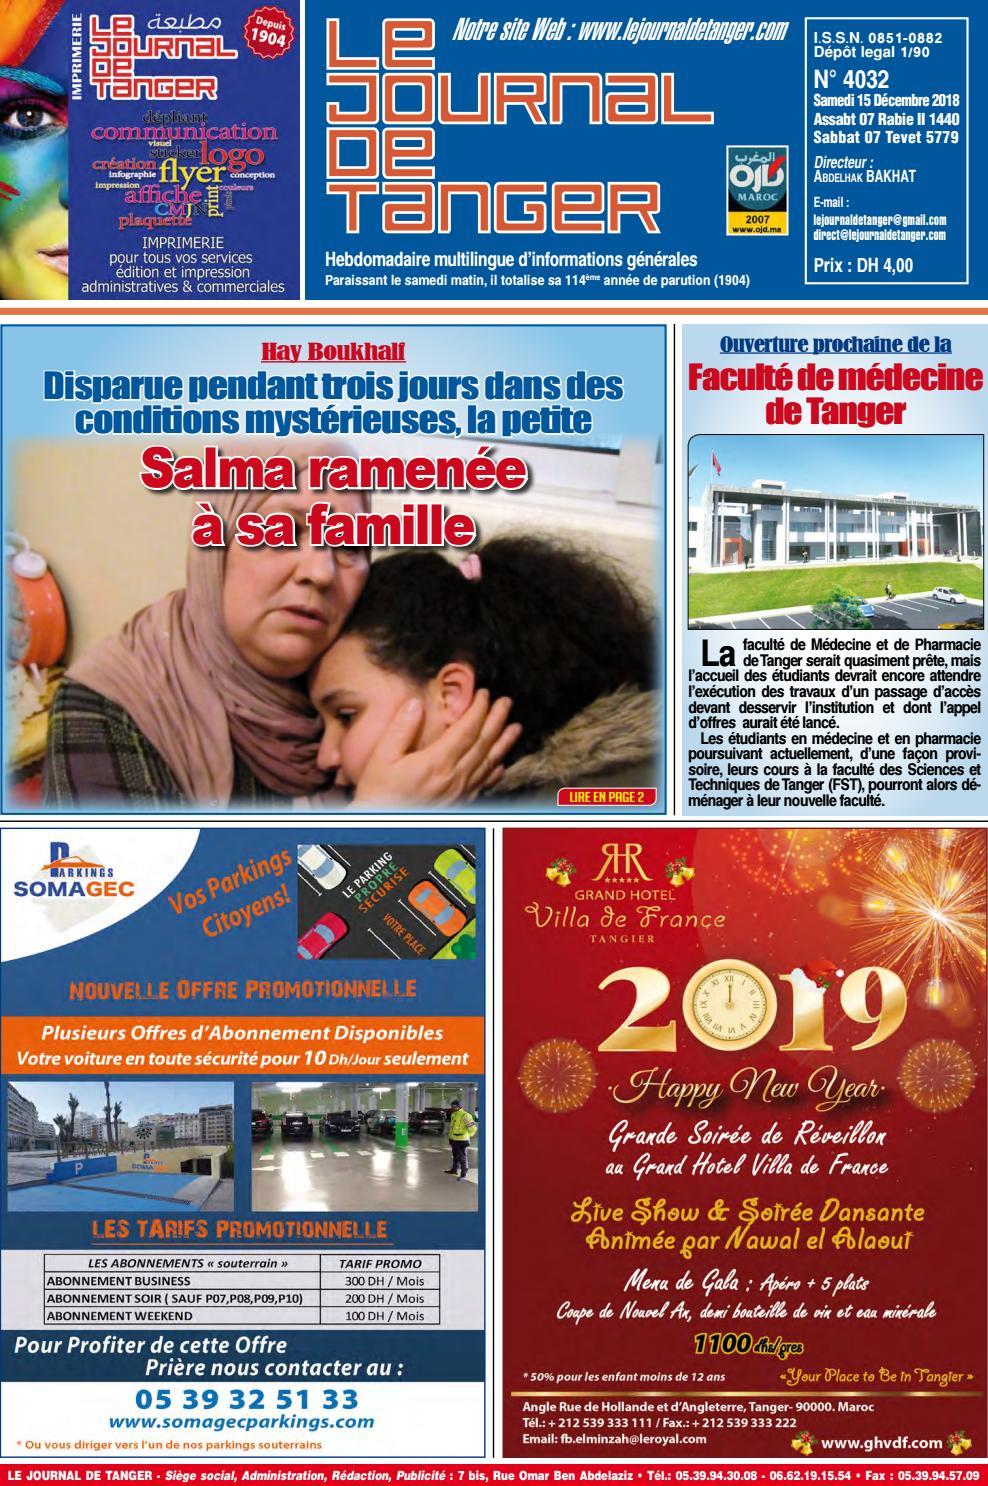 98350c78d605d Le journal de Tanger 15 Décembre 2018 by Le Journal de Tanger - issuu